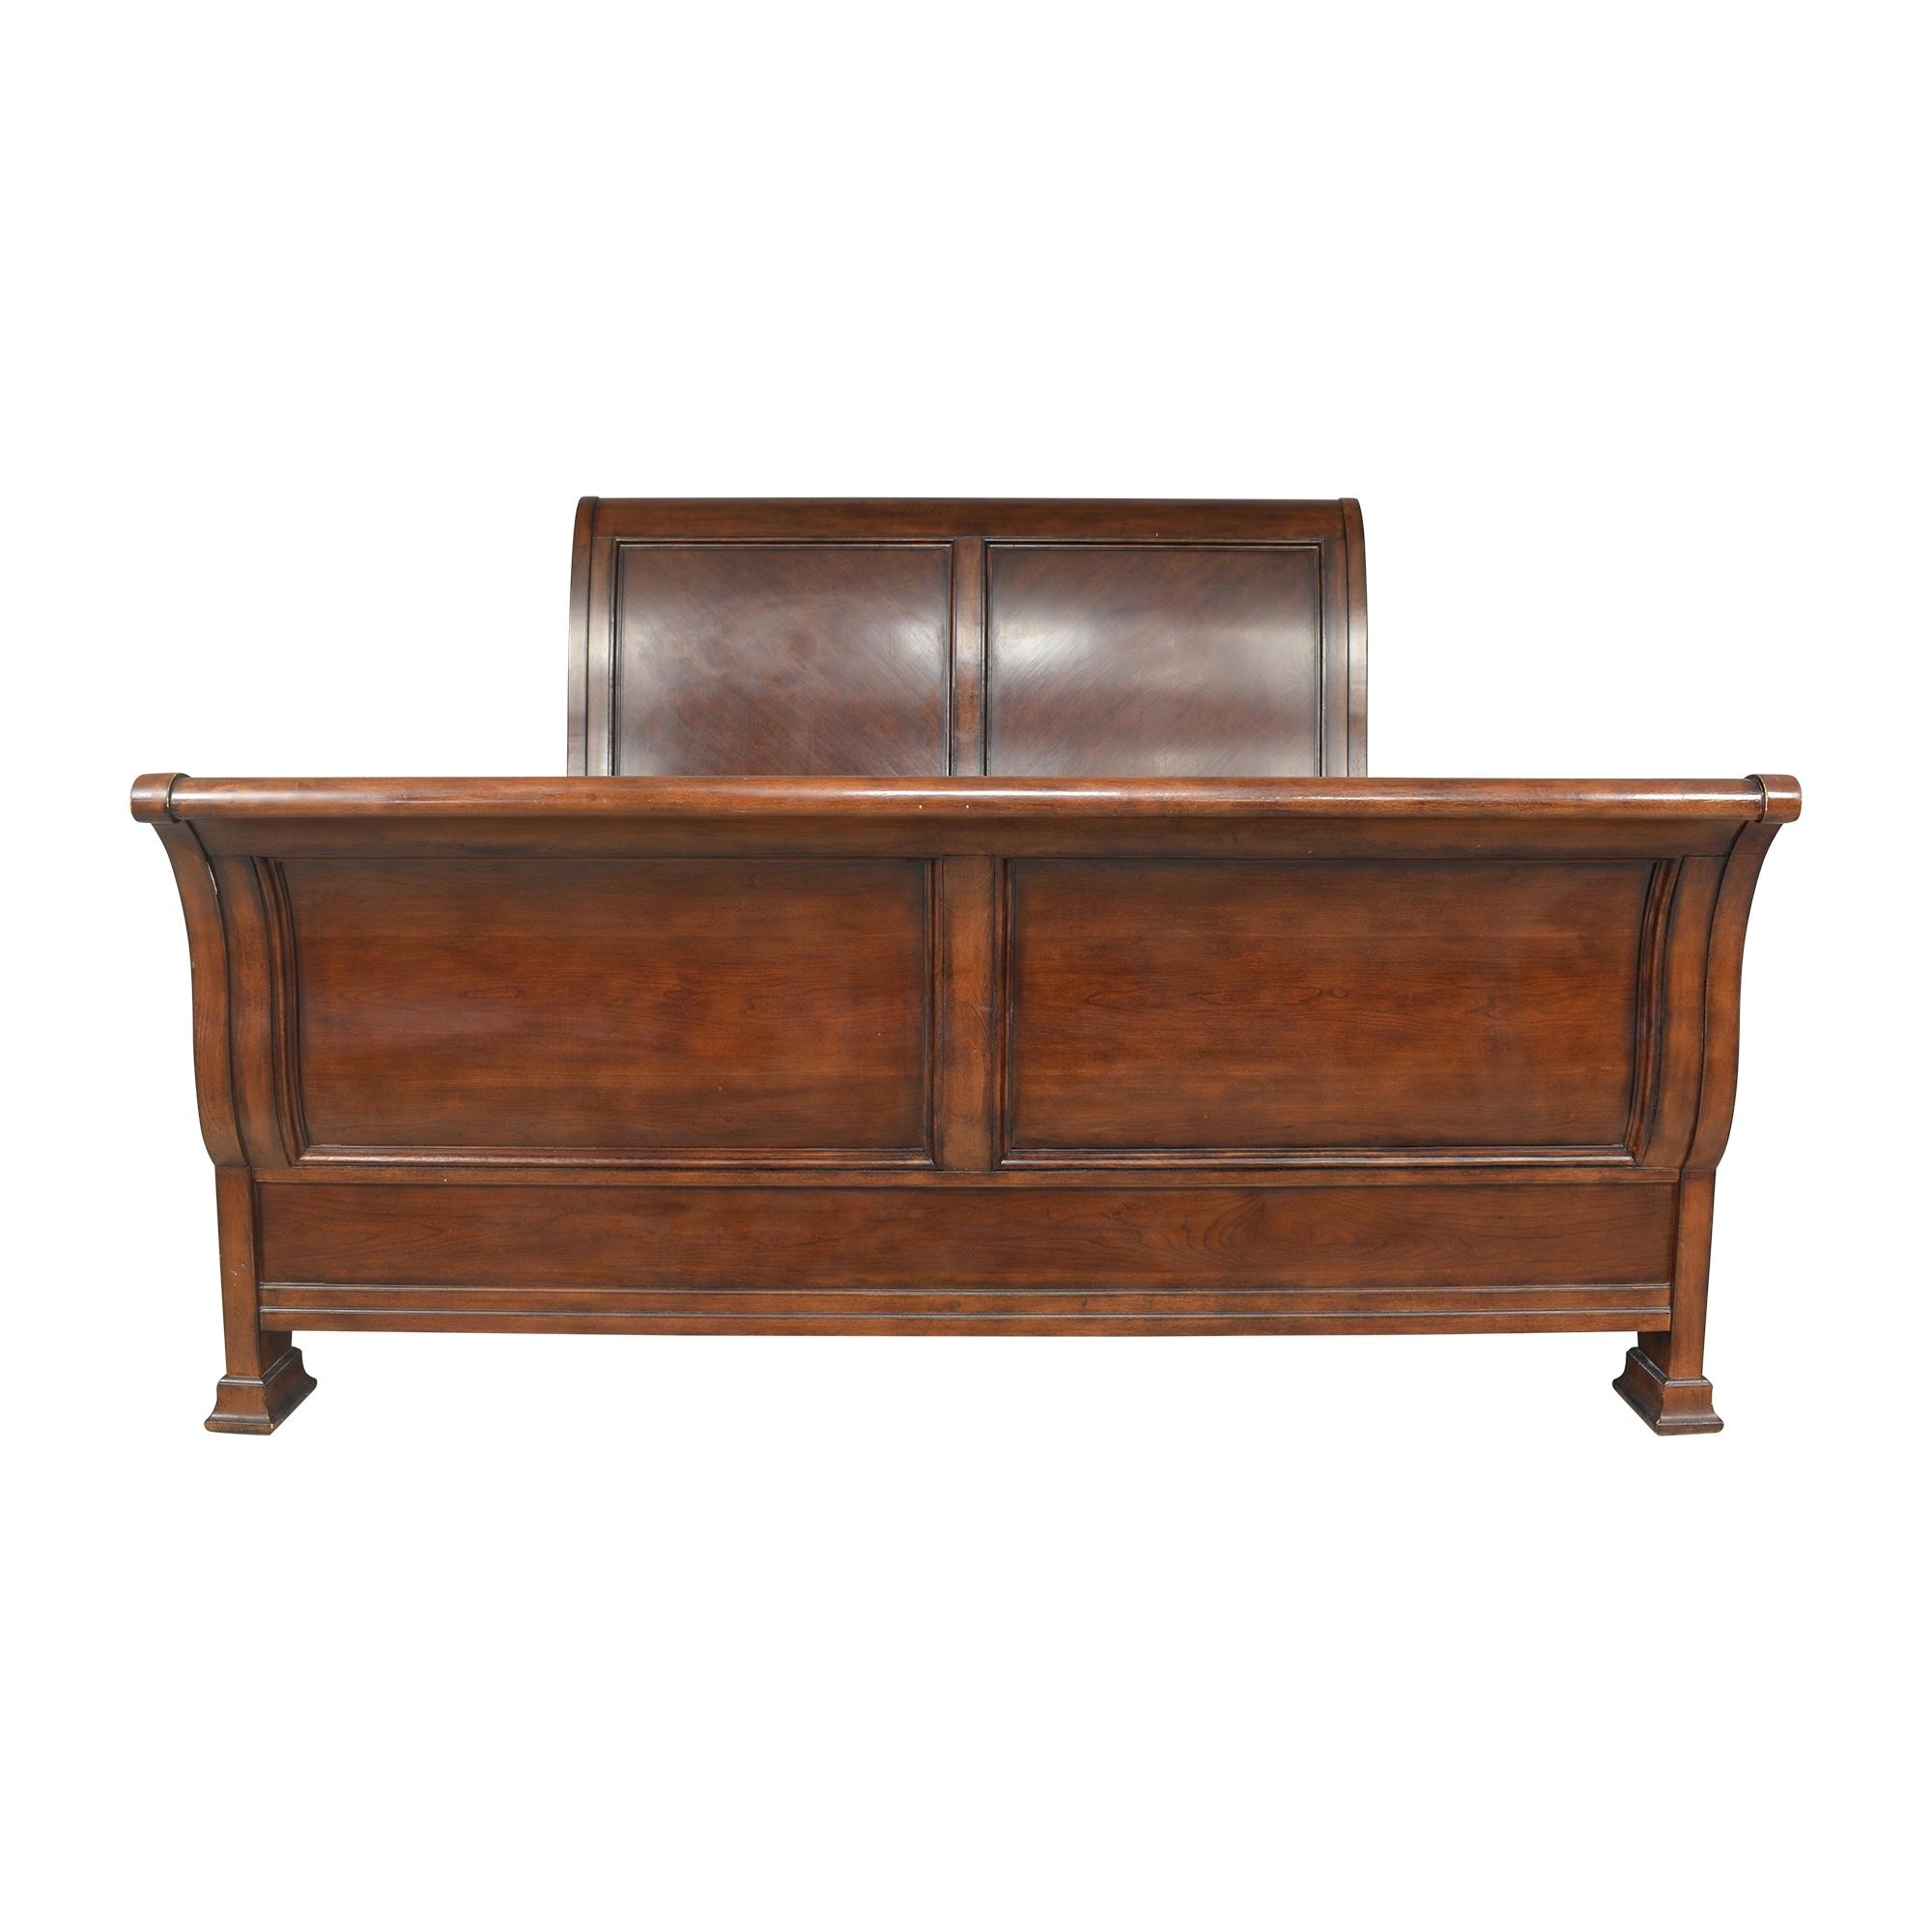 Bassett Furniture Bassett Furniture King Sleigh Bed on sale